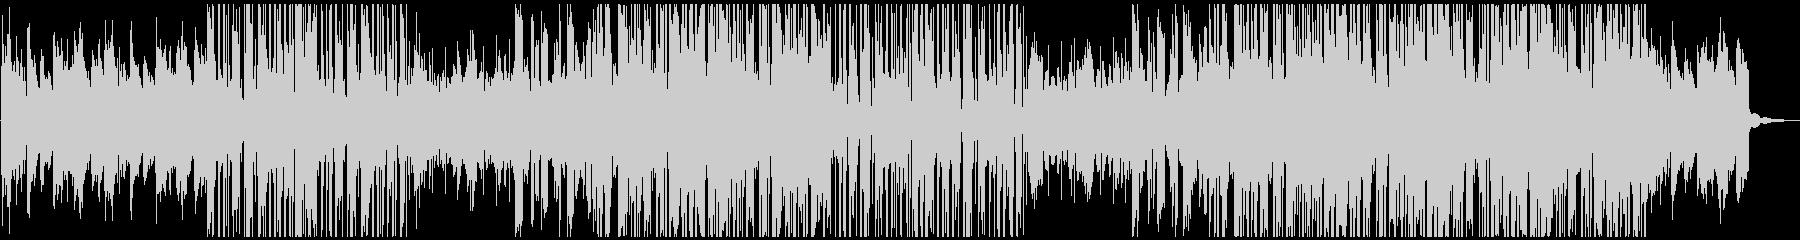 おしゃれな雰囲気のエレクトロの未再生の波形